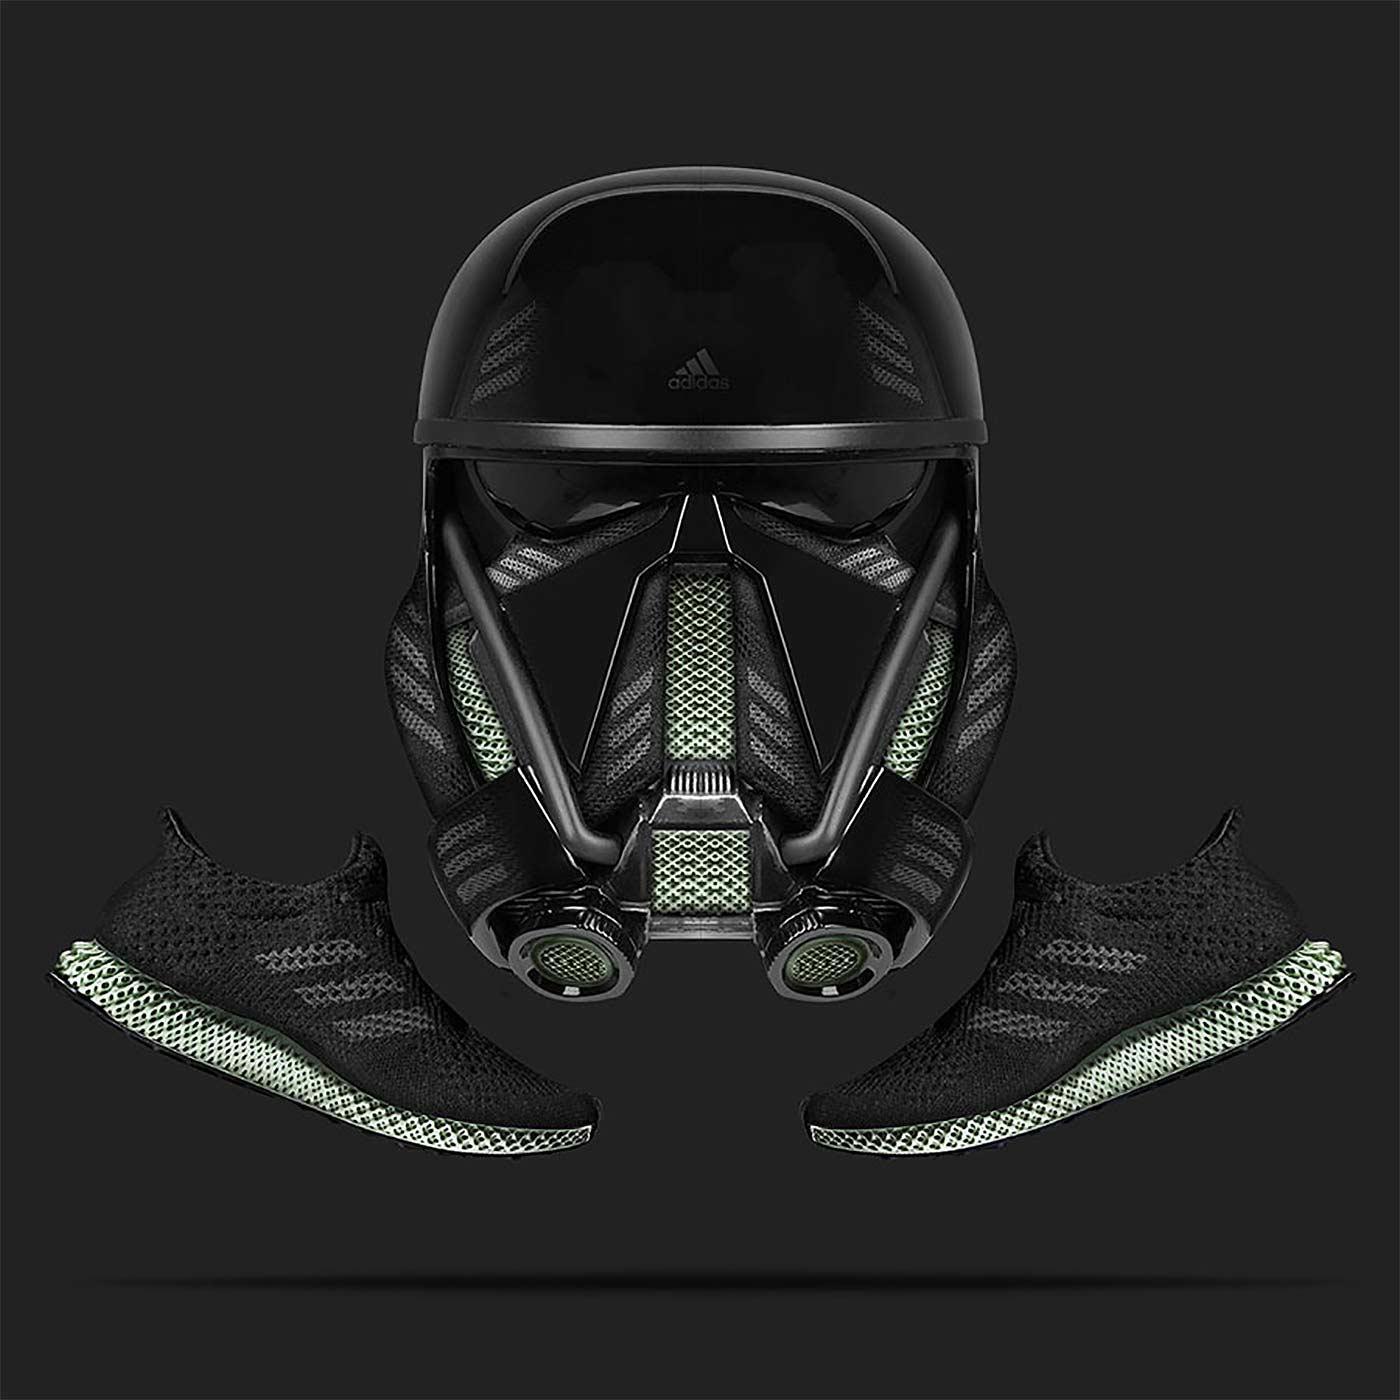 Popkultur-Sneaker von Jeff Cole popkultursneaker-jeff-cole_06